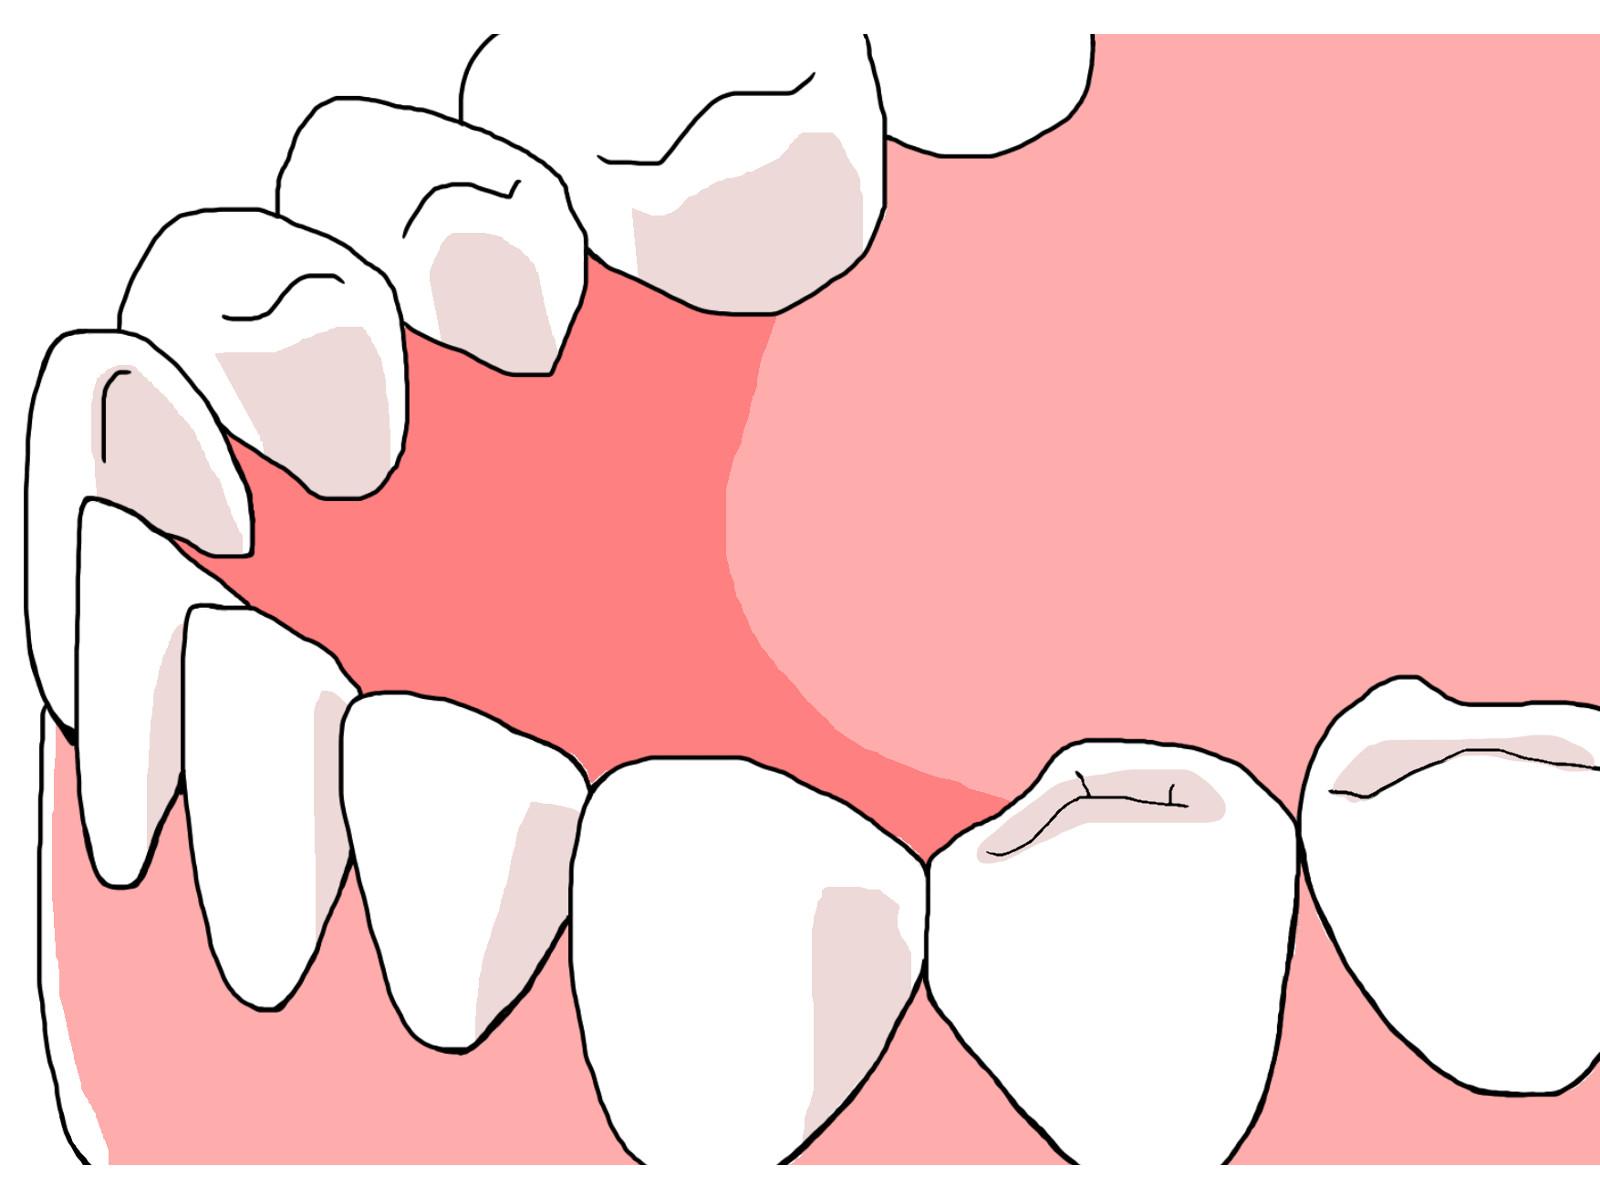 歯の冷凍保存について